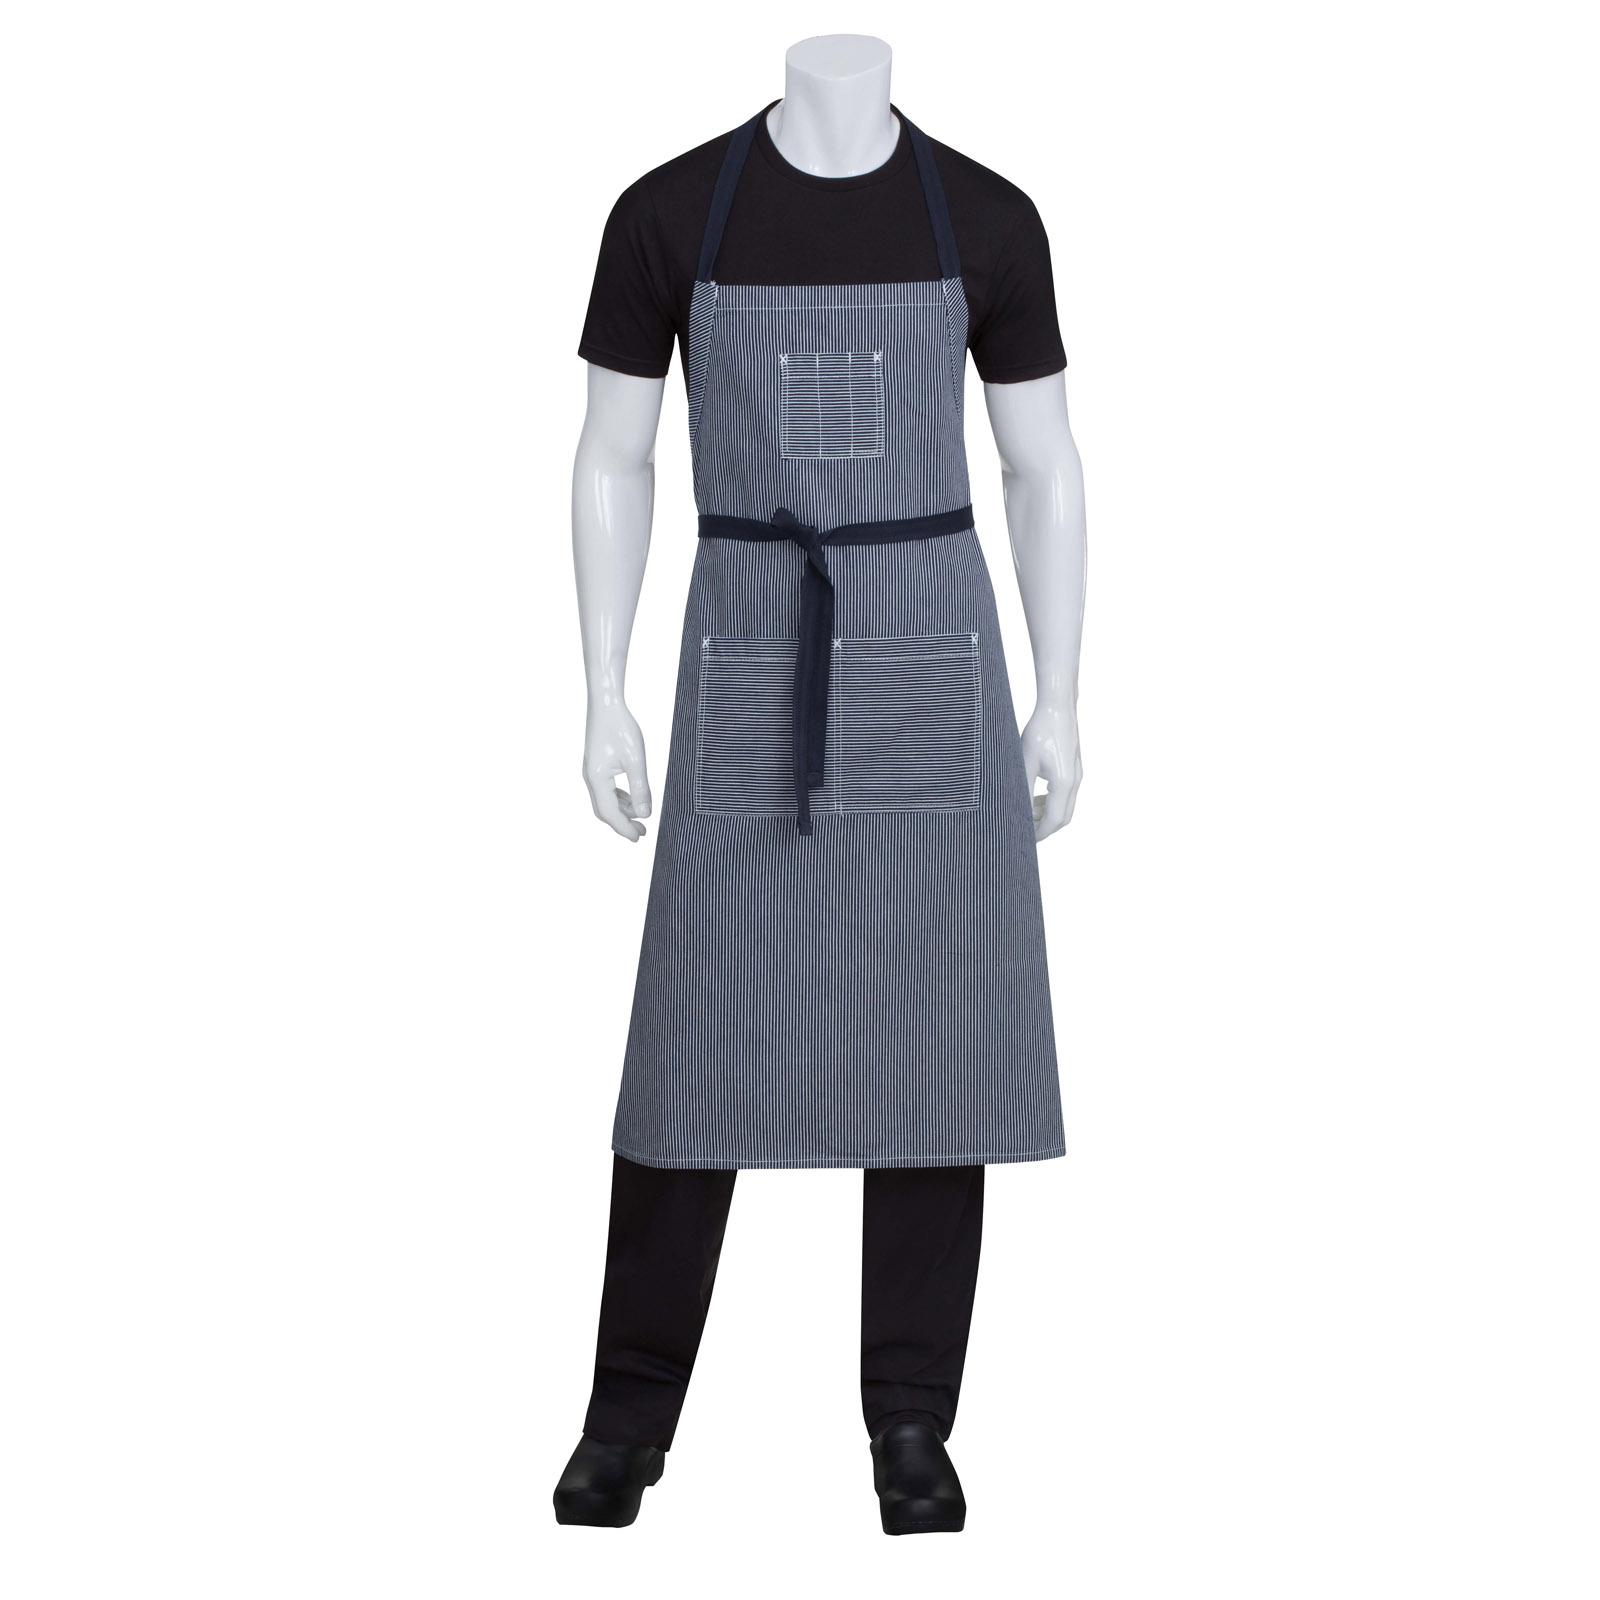 Chef Works AB038IBL0 bib apron